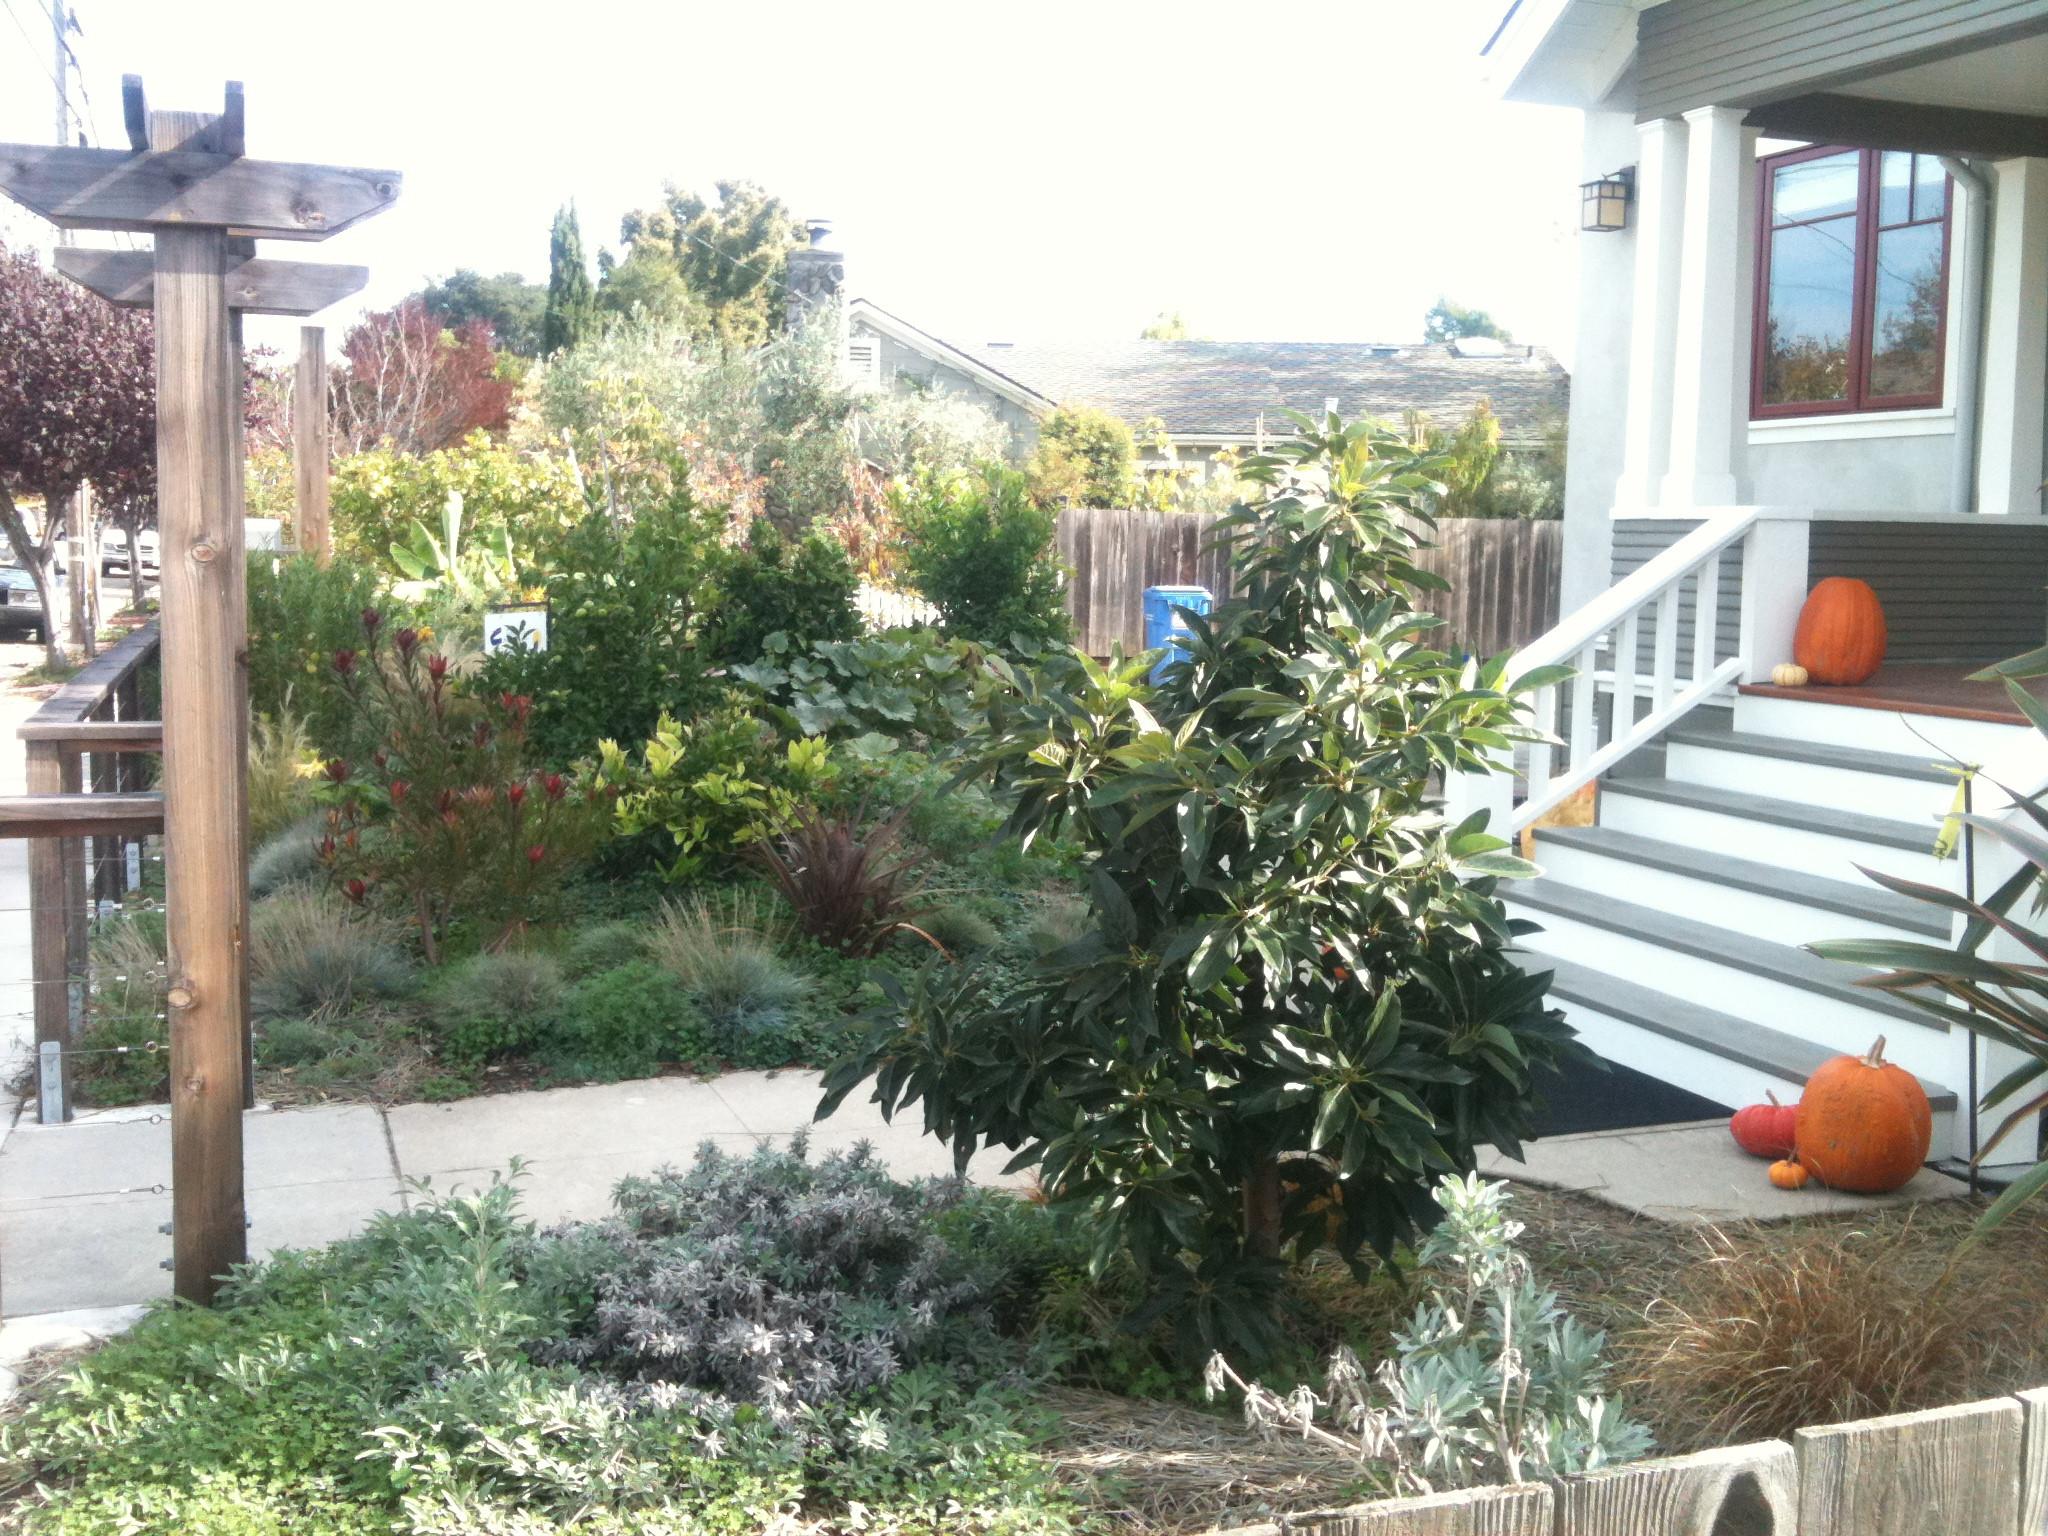 Avocado Tree Will Soon Shade the Front Porch